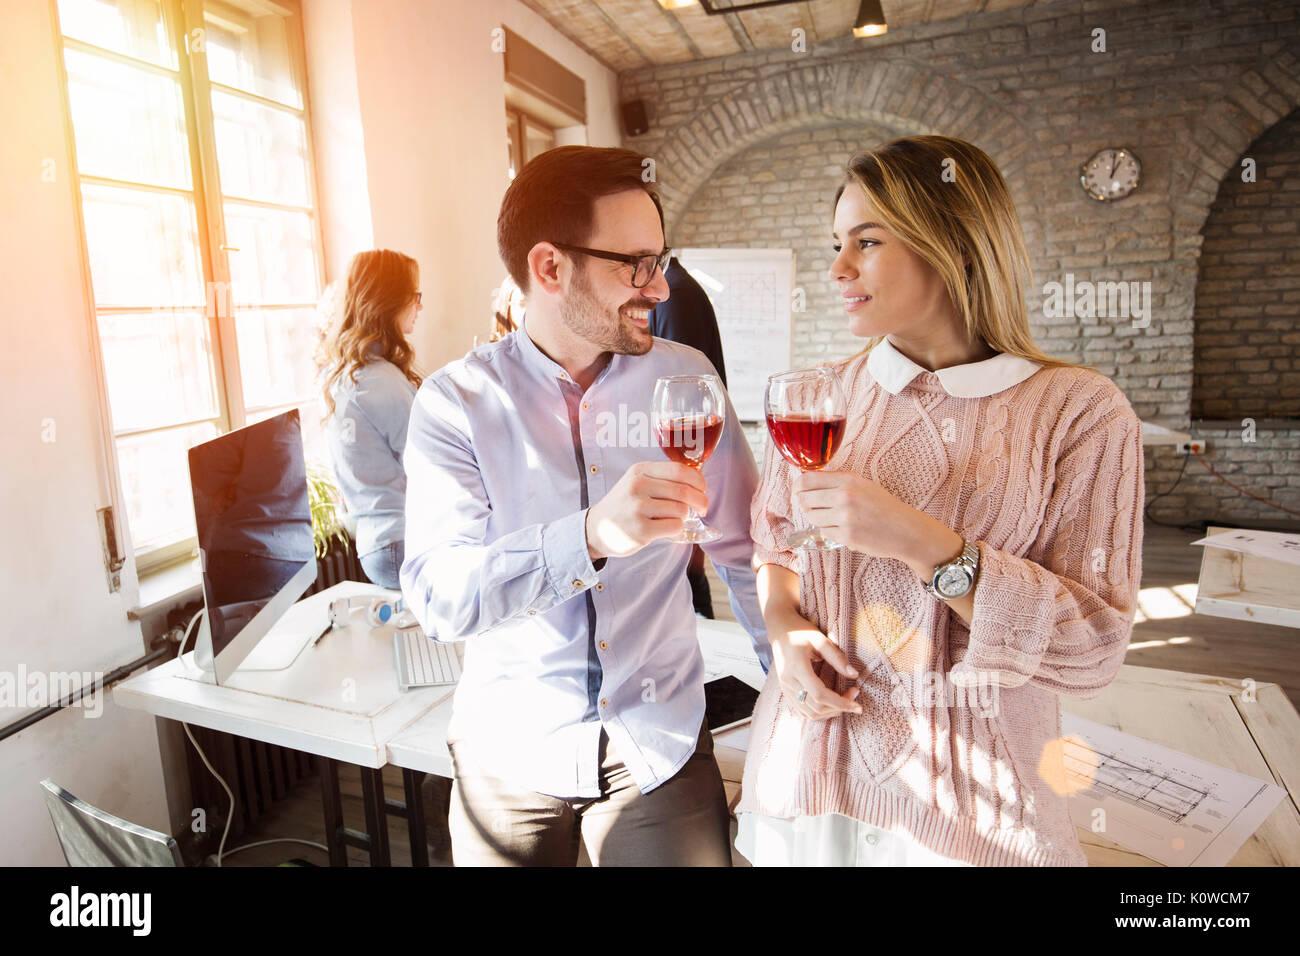 Felices los jóvenes arquitectos tener descanso y beber el vino. Imagen De Stock